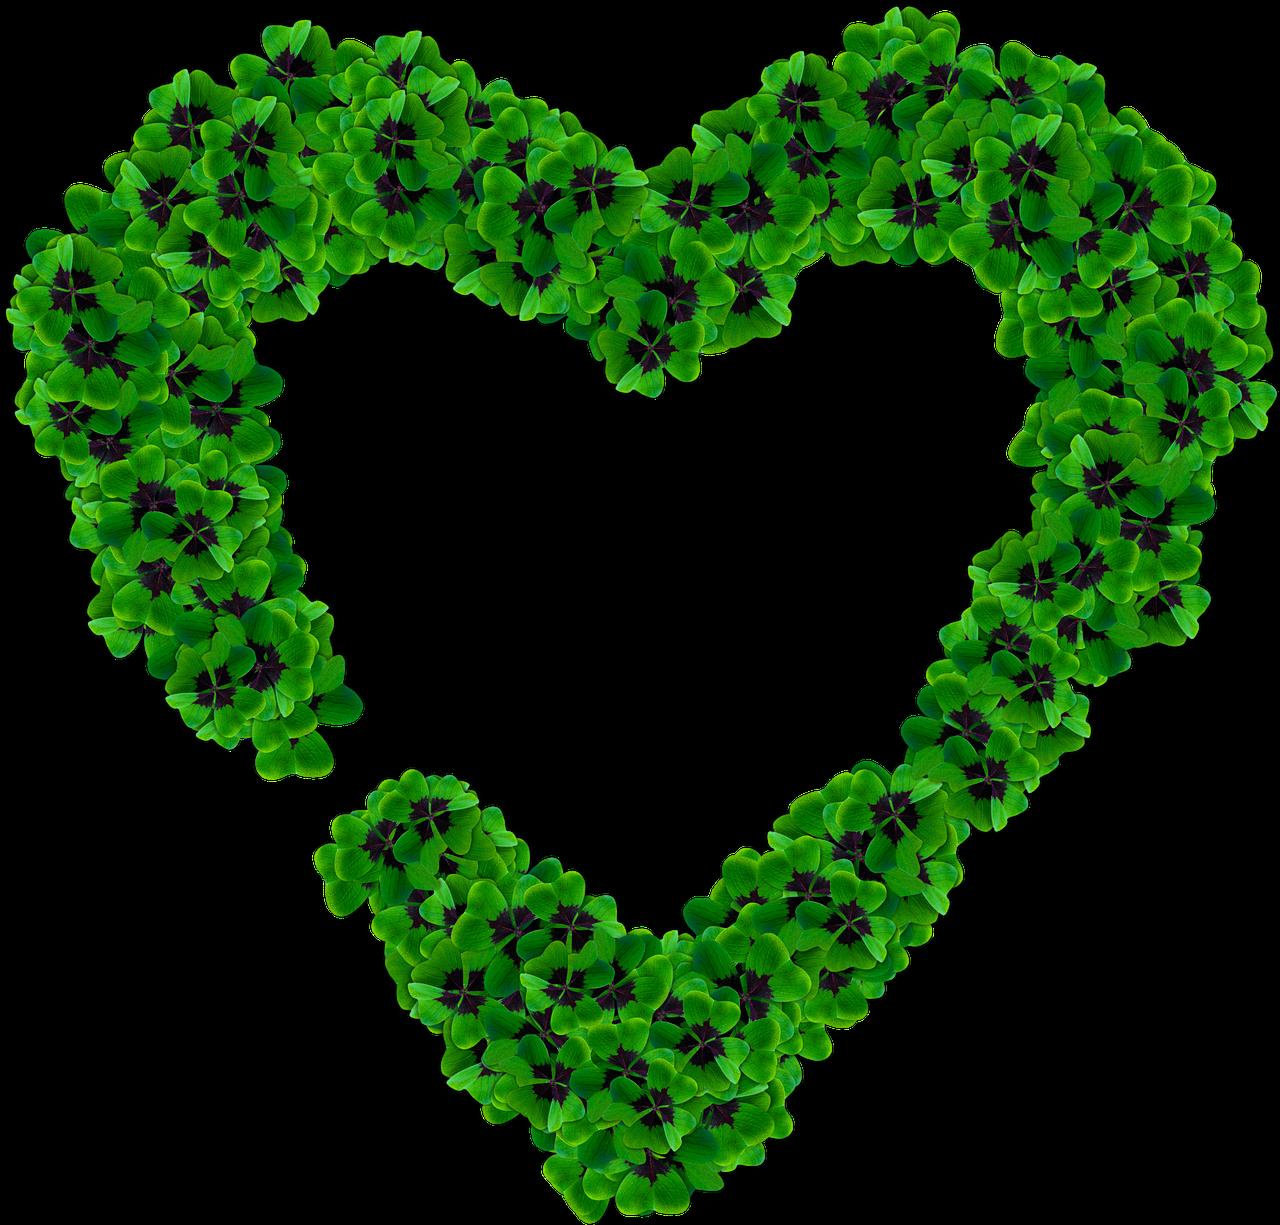 современный, блестящий картинки сердечки зеленые текущий